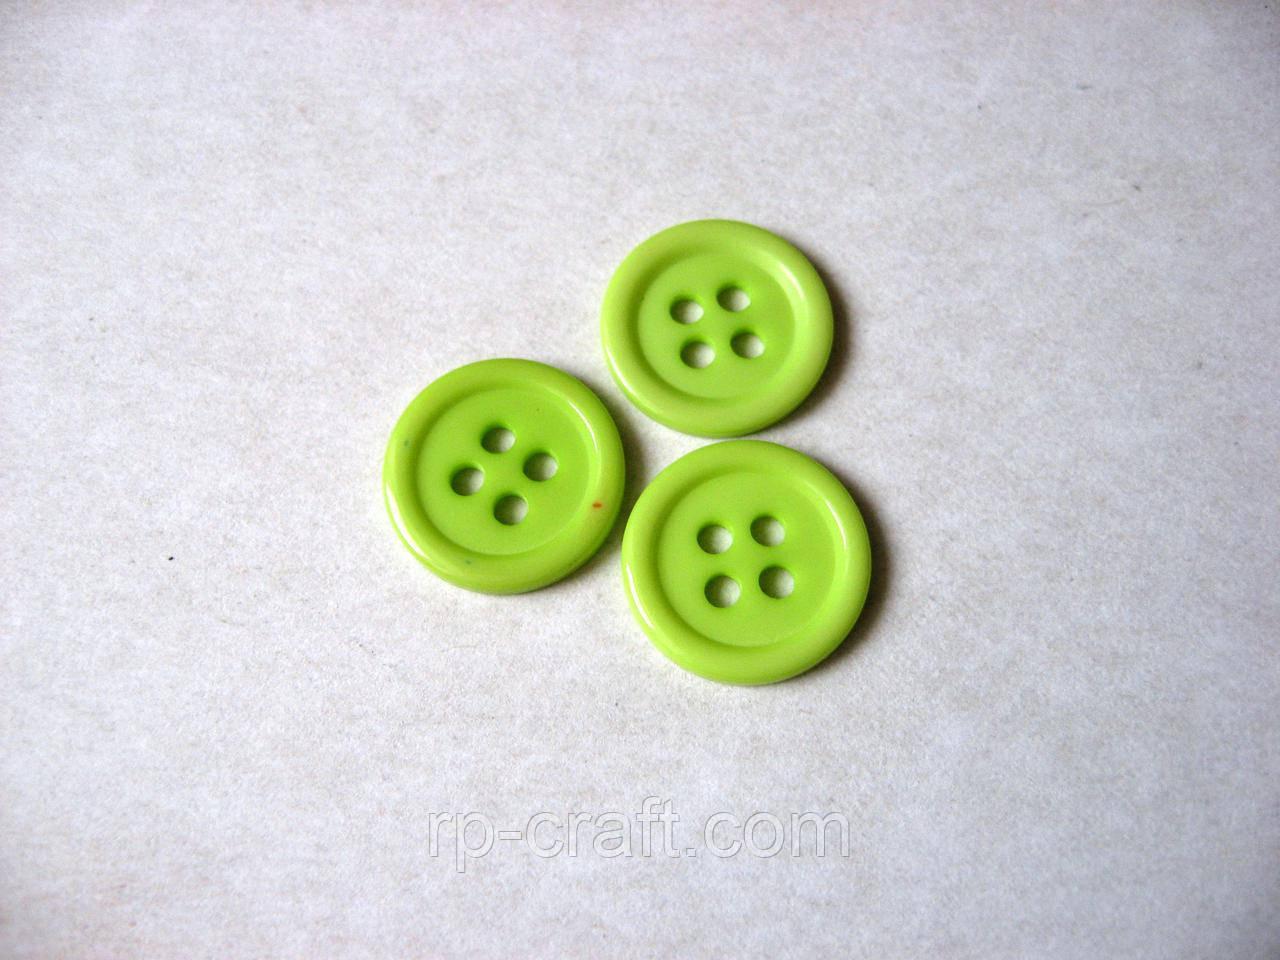 Ґудзик пластикова кругла, салатова. 15 мм